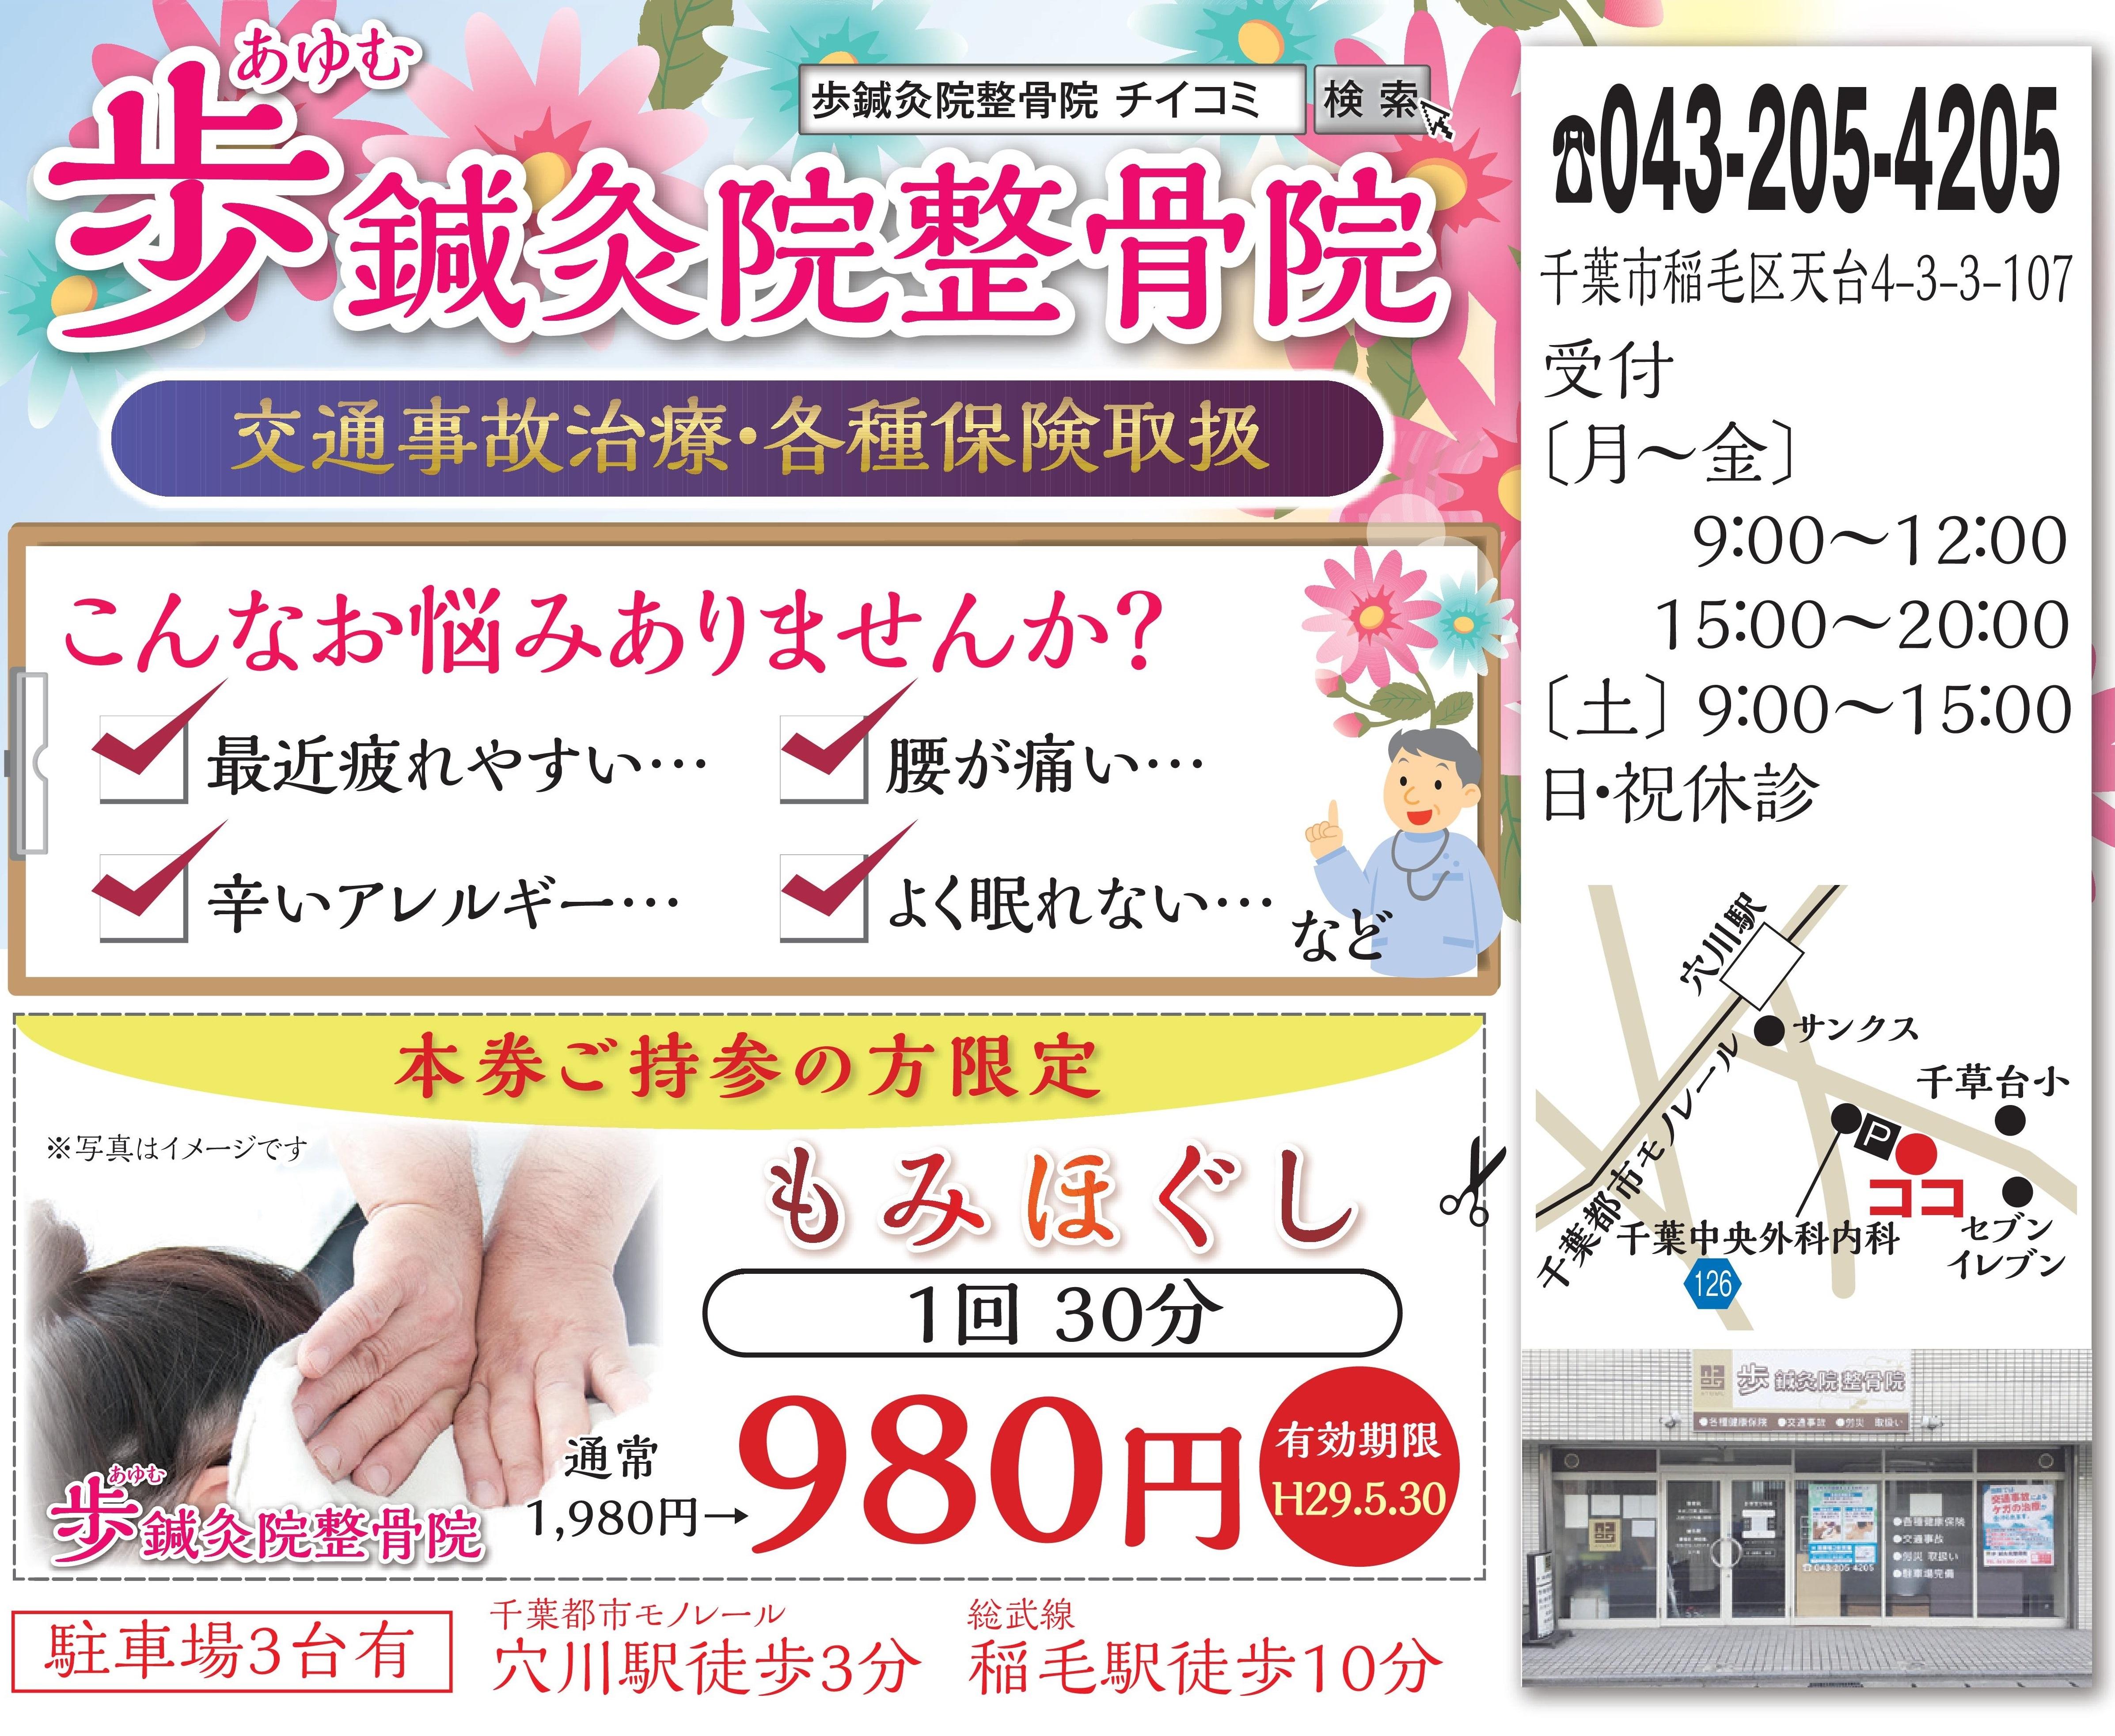 【4/14号ちいき新聞】歩鍼灸院整骨院の広告が掲載されてます!